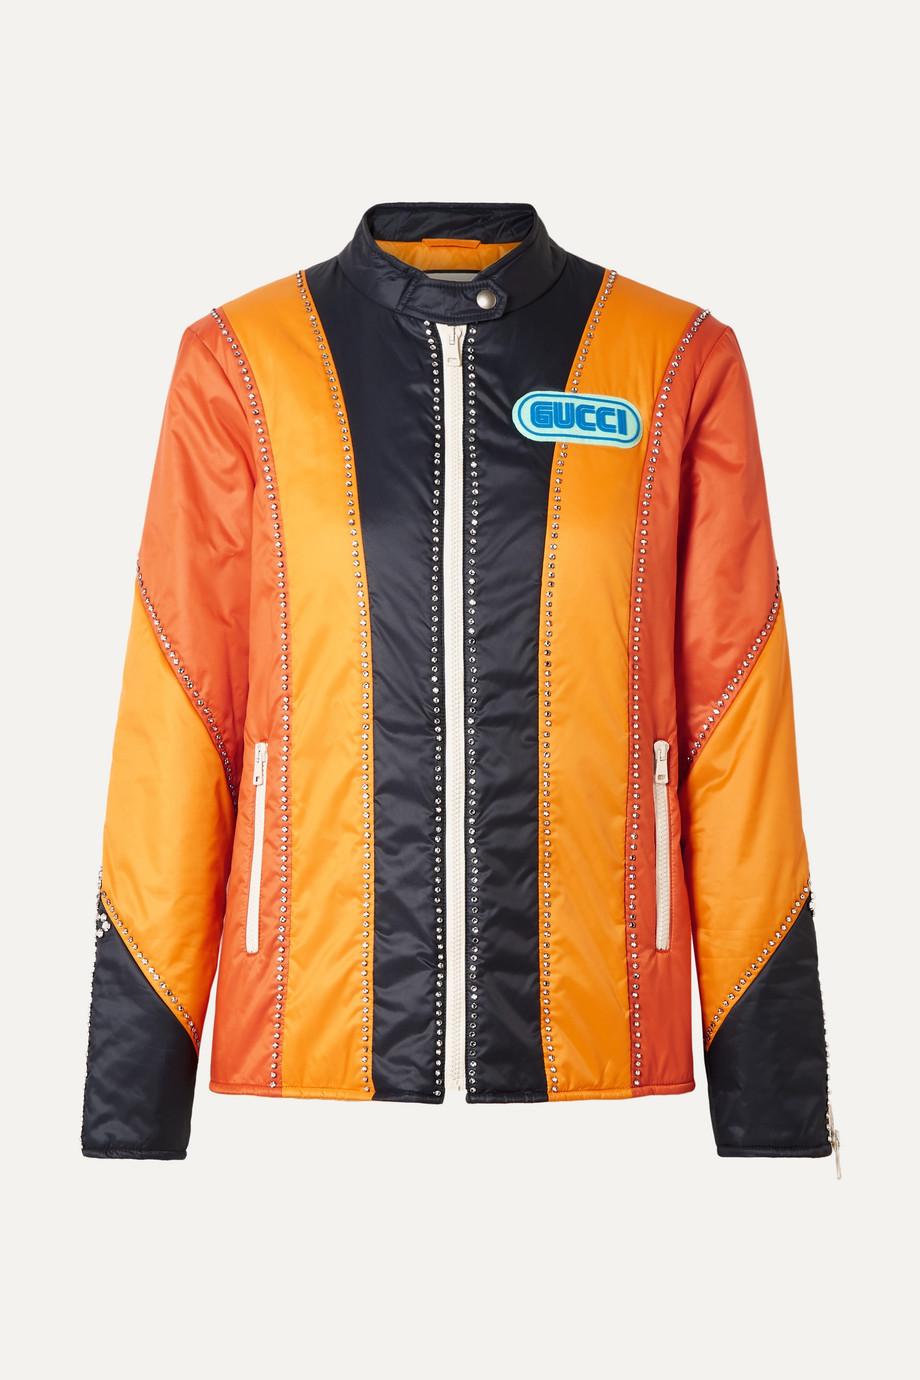 Gucci Embellished paneled shell bomber jacket